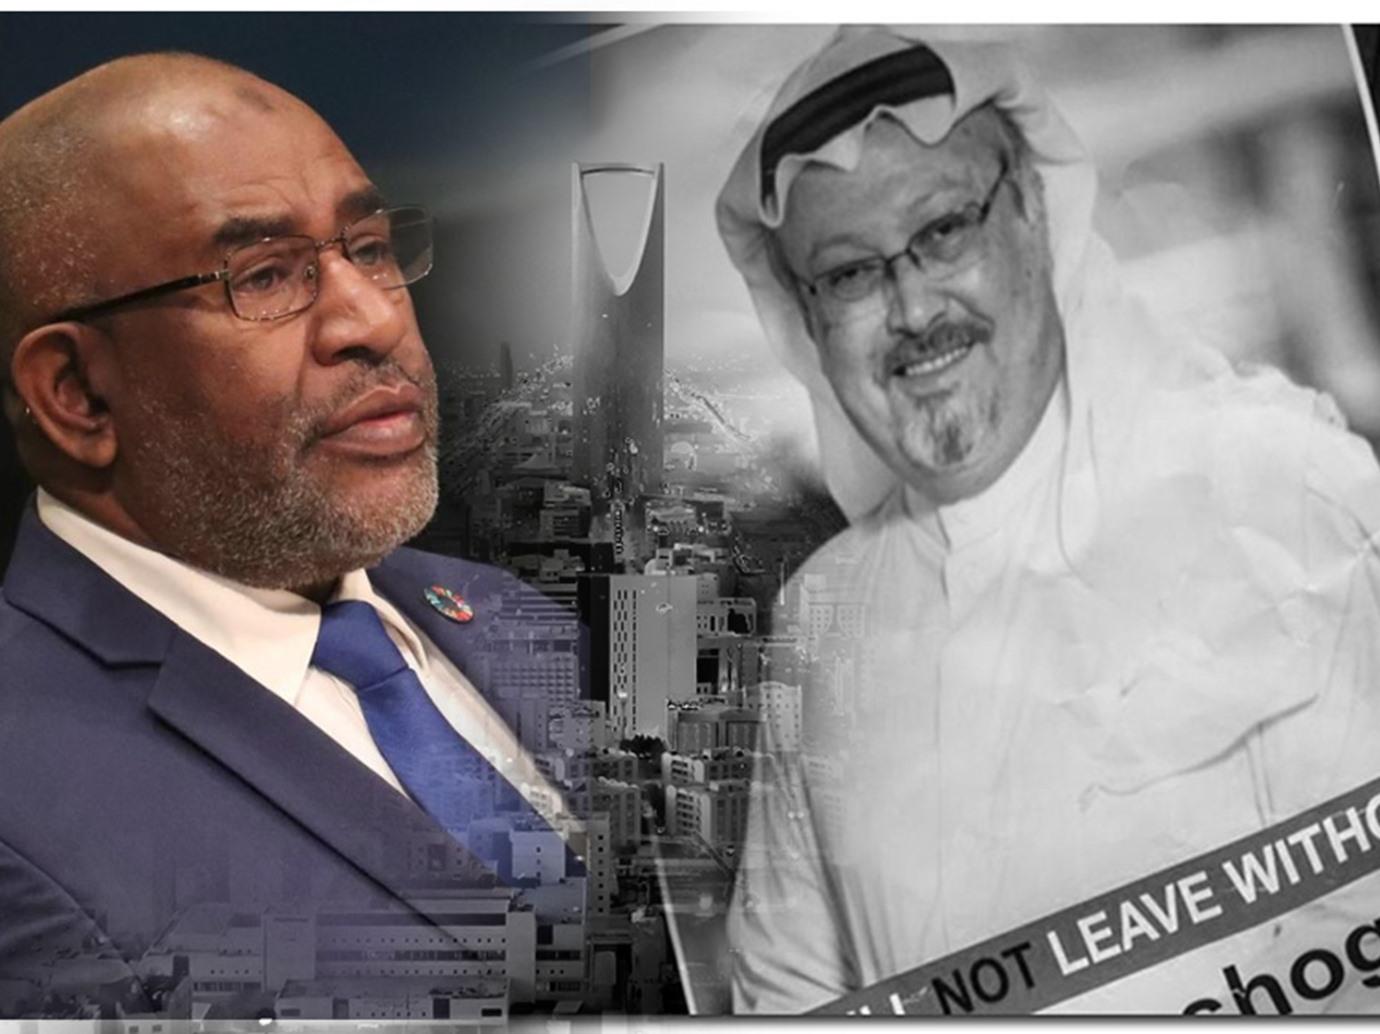 وقاحة رئيس عربي.. عثماني: ما المشكلة في اغتيال سعودي بسفارته؟